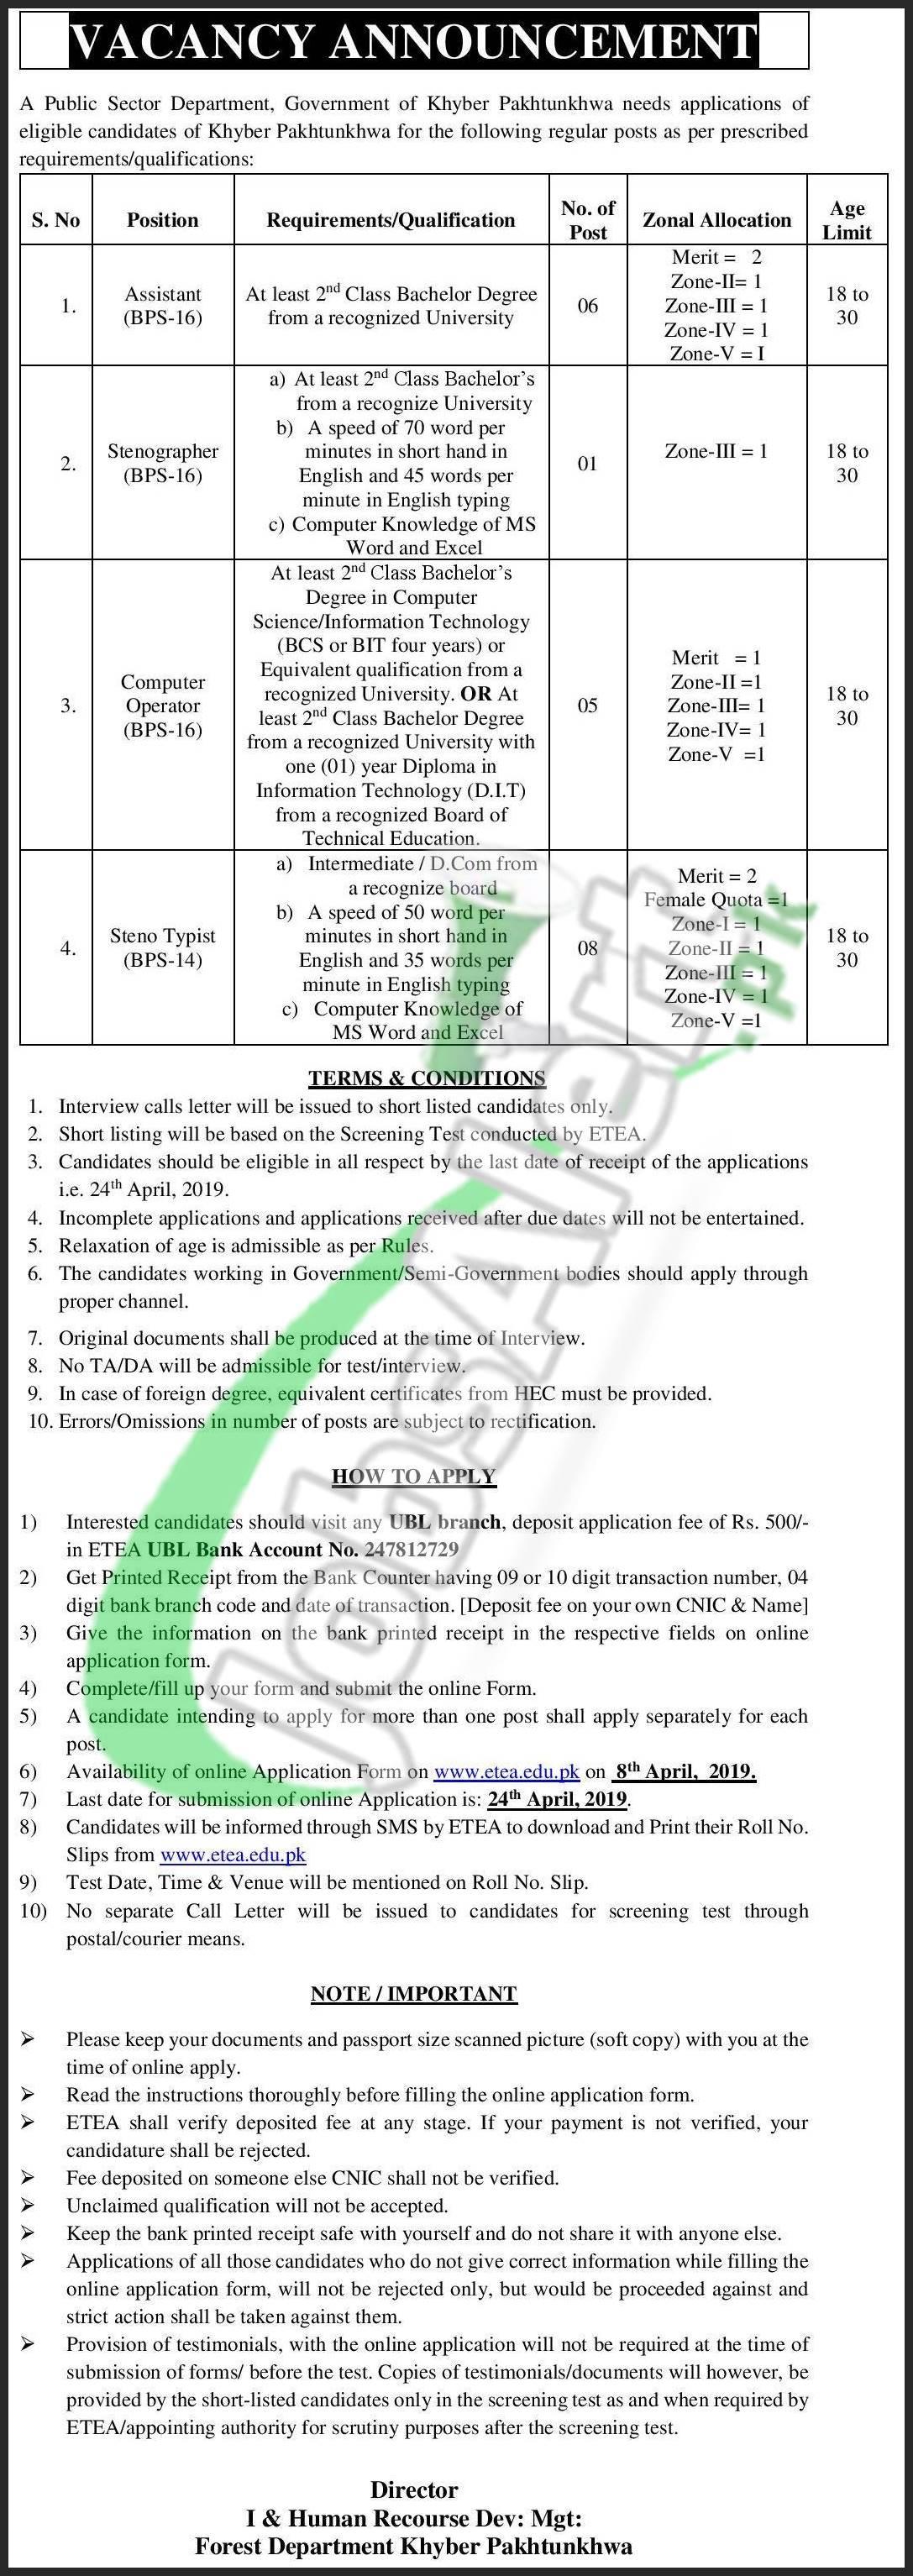 Forest Department KPK Jobs 2019